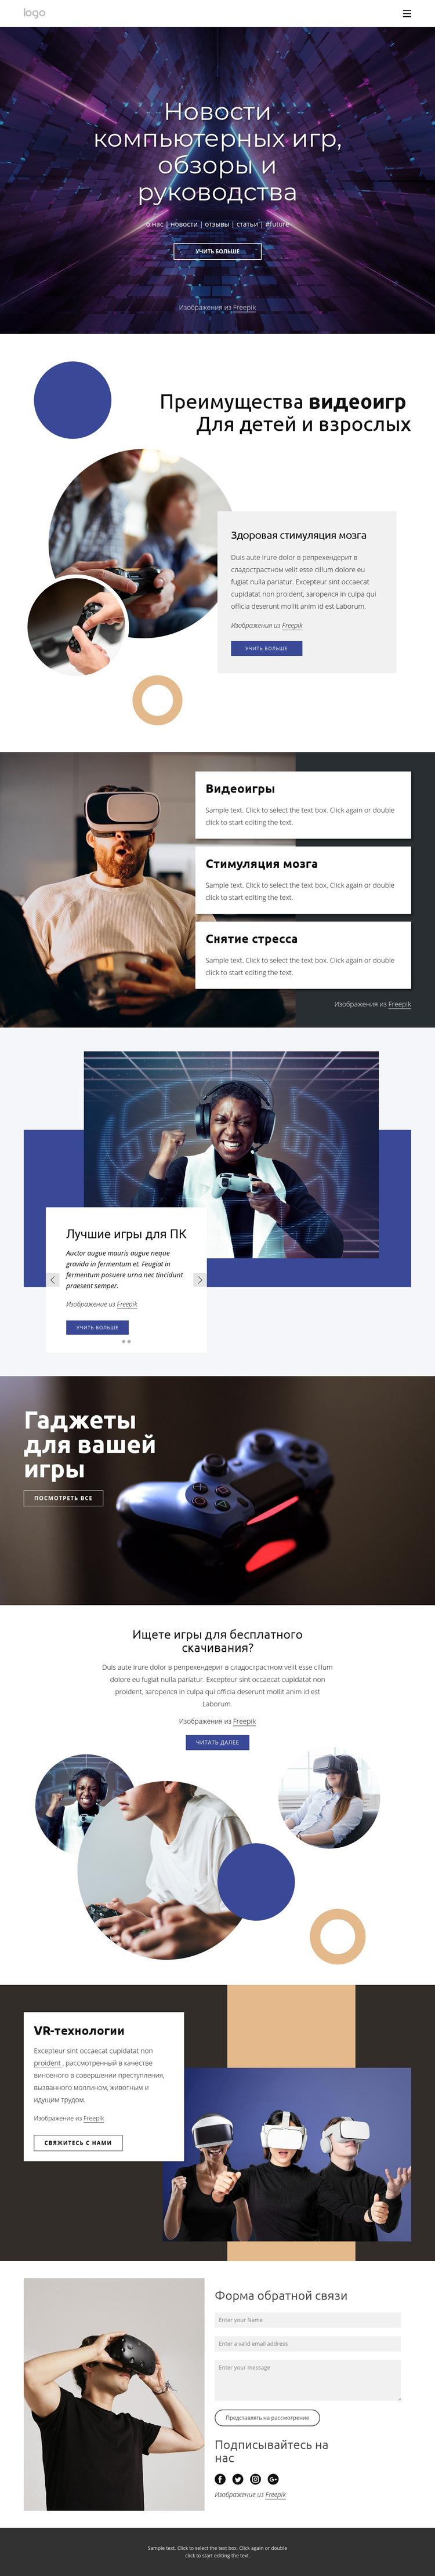 Новости компьютерных игр Шаблон веб-сайта